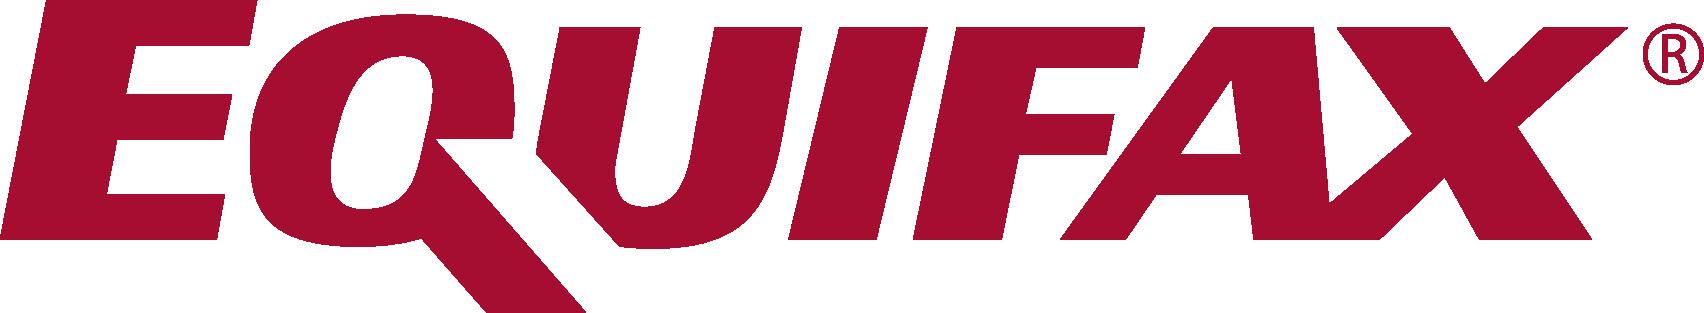 Equifax Partner Logo